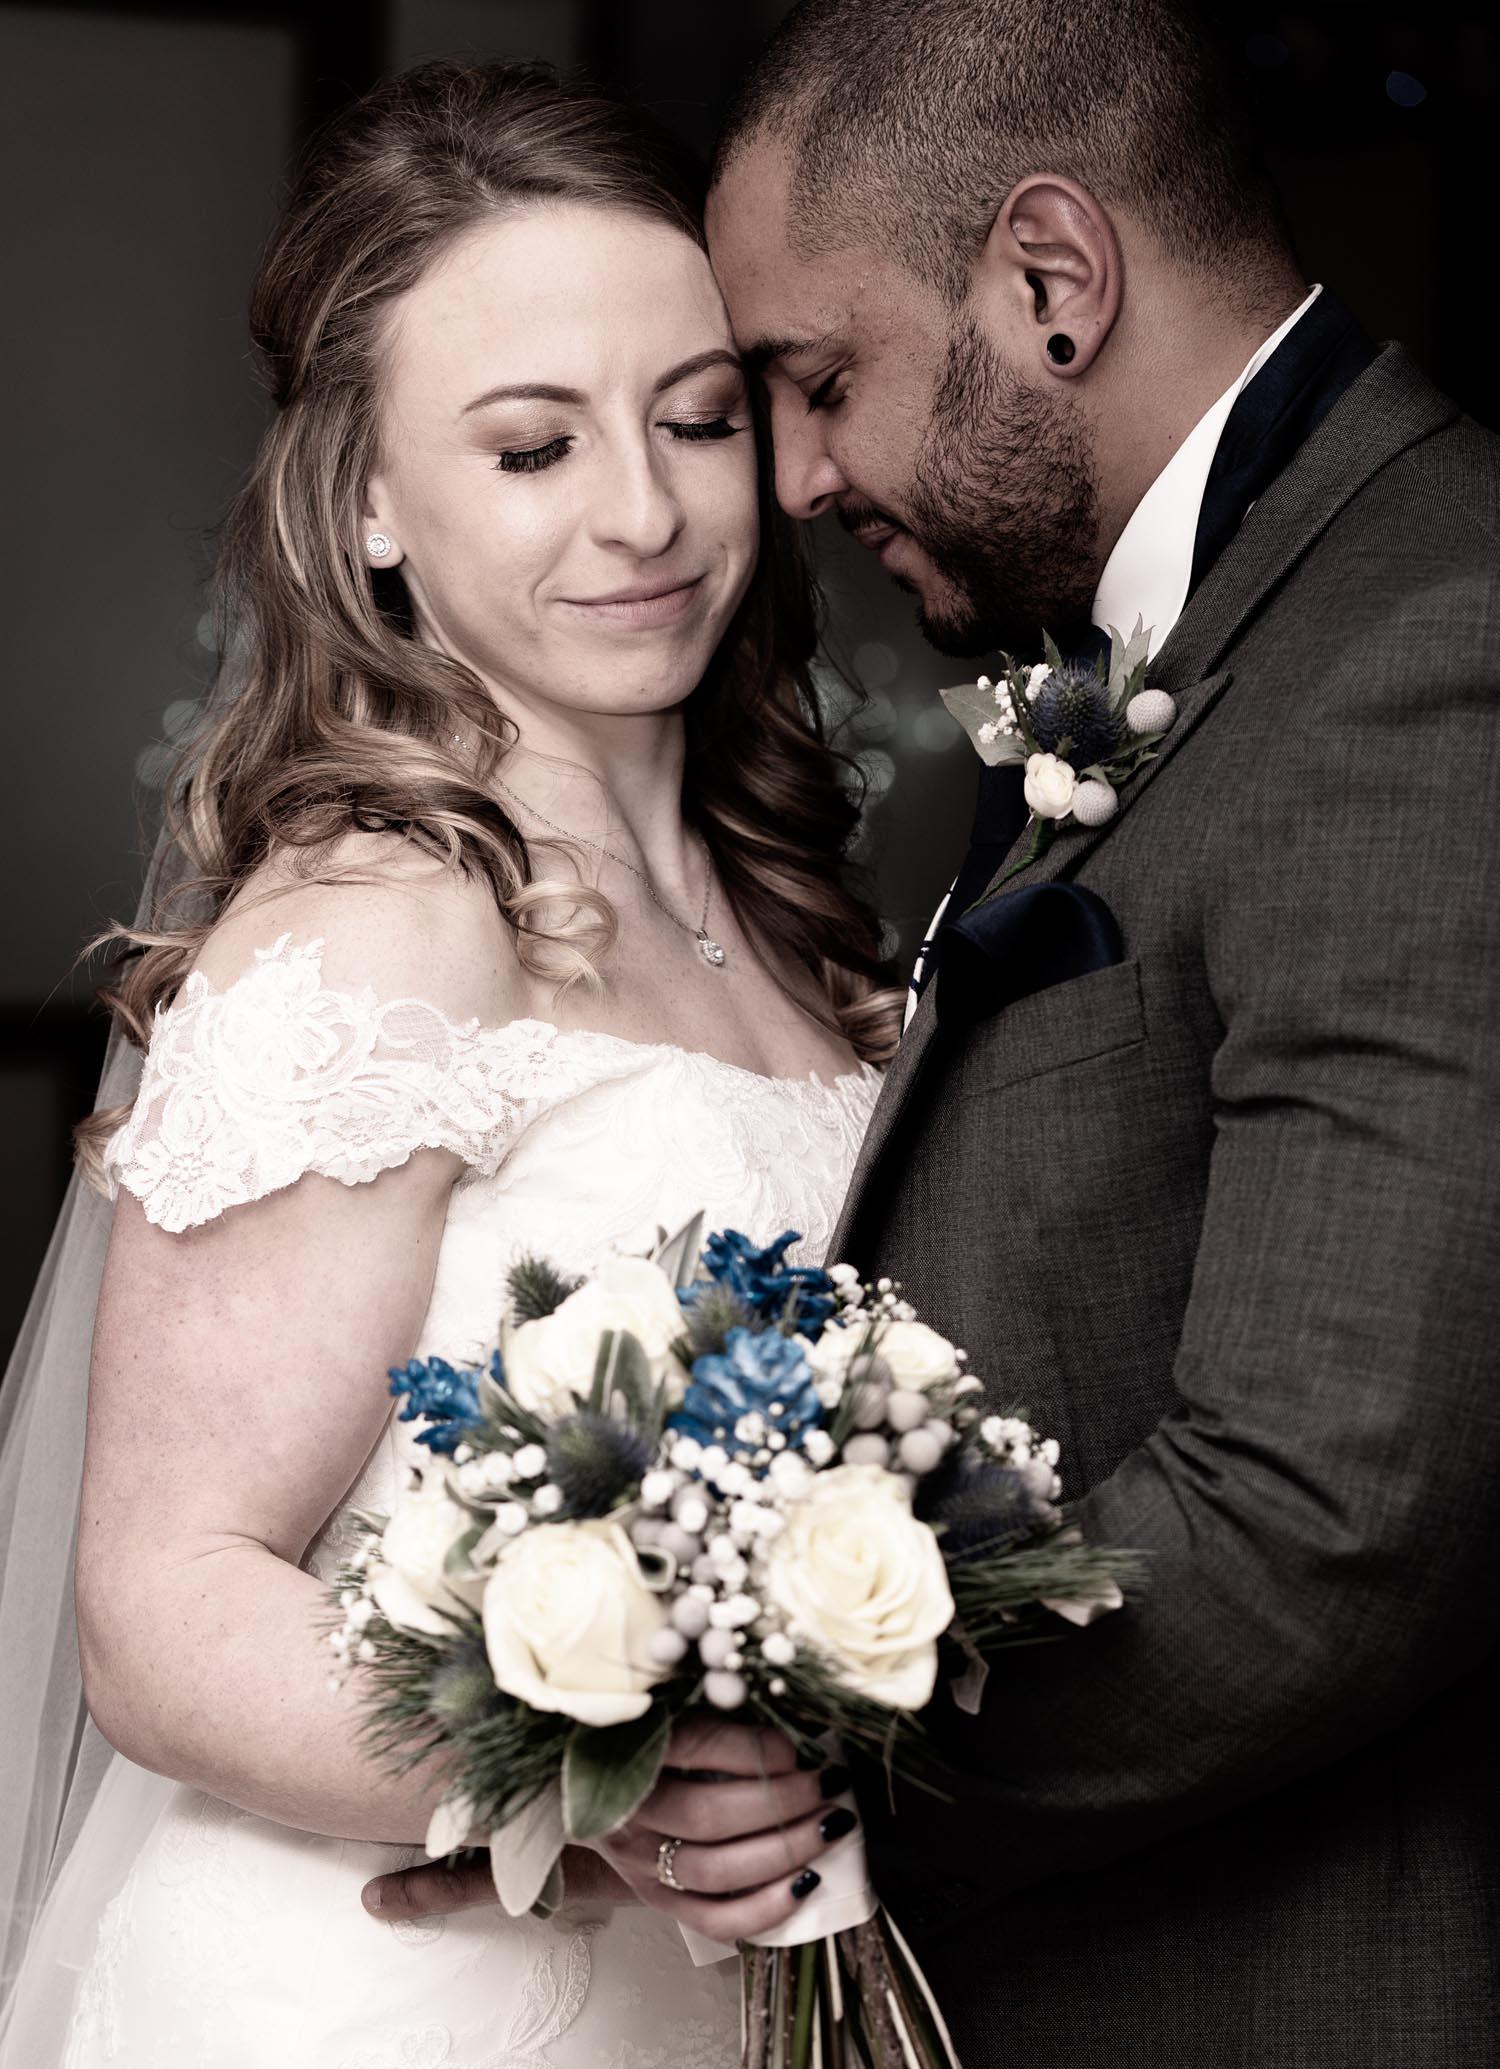 wedding-photos-bride-groom-ye-olde-plough-house-essex-024.jpg